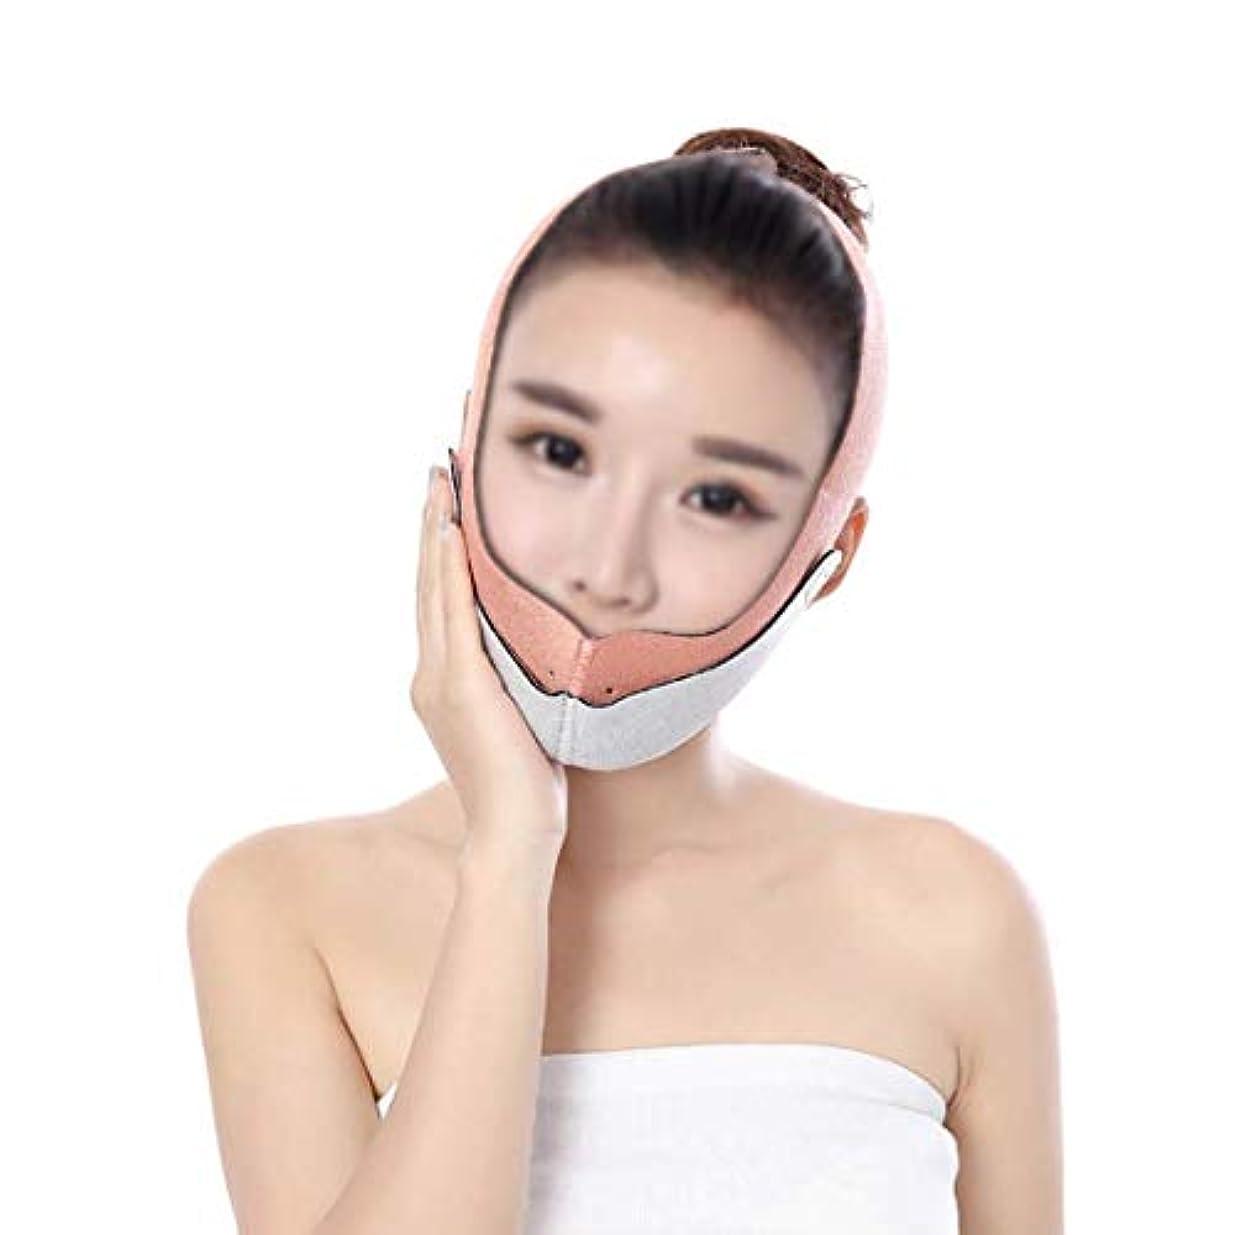 火周辺文房具ファーミングフェイスマスク、フェイスリフティングアーティファクト修正フェイスリフティングベルトたるみ防止包帯美容マスクマスクV顔布ツール